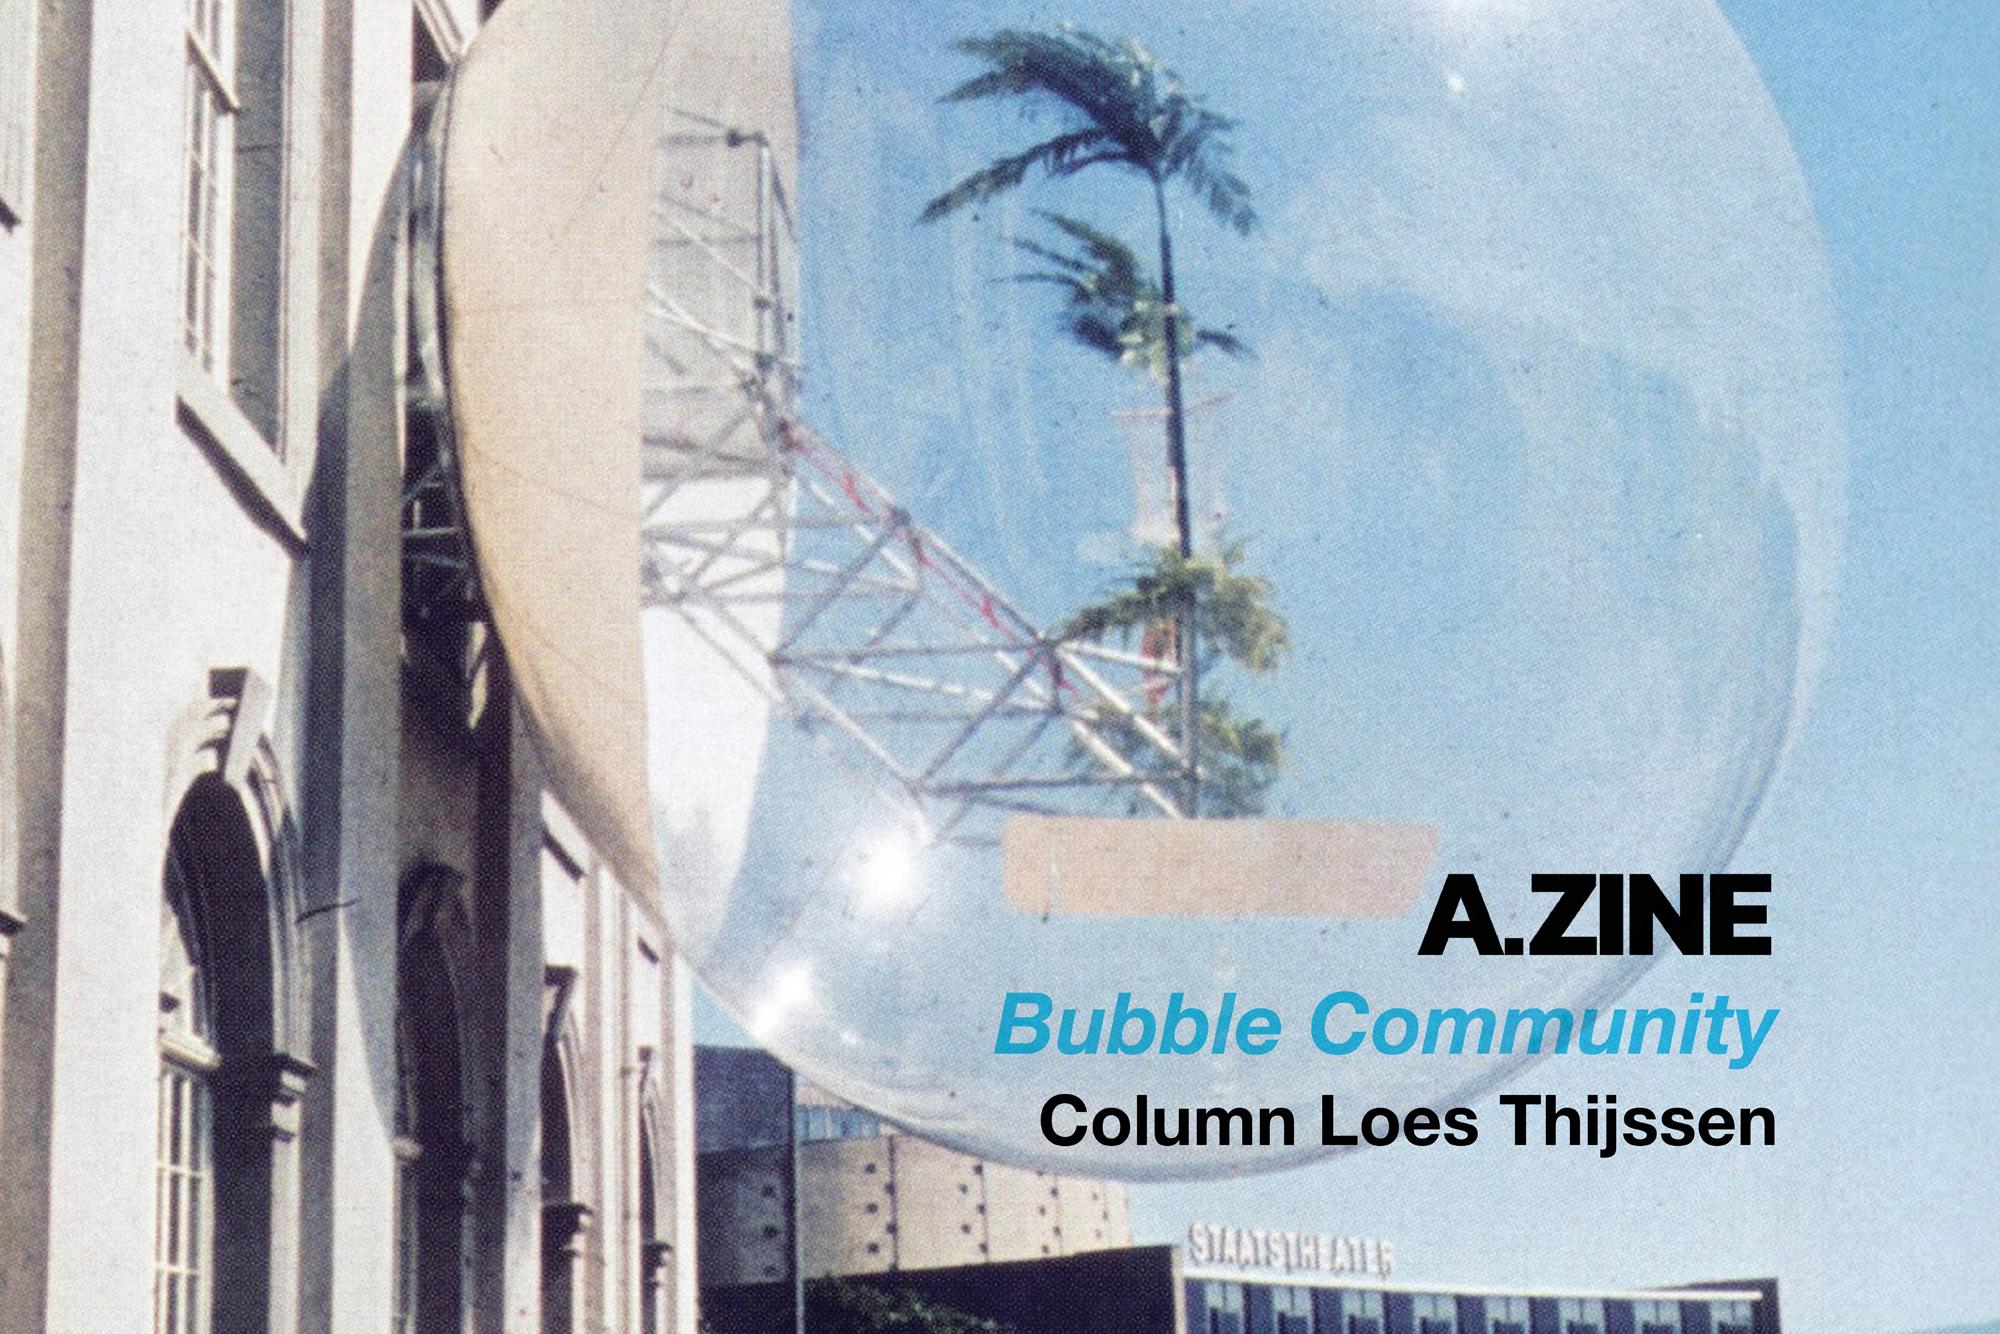 A.ZINE column Loes Thijssen 'Bubble Community'